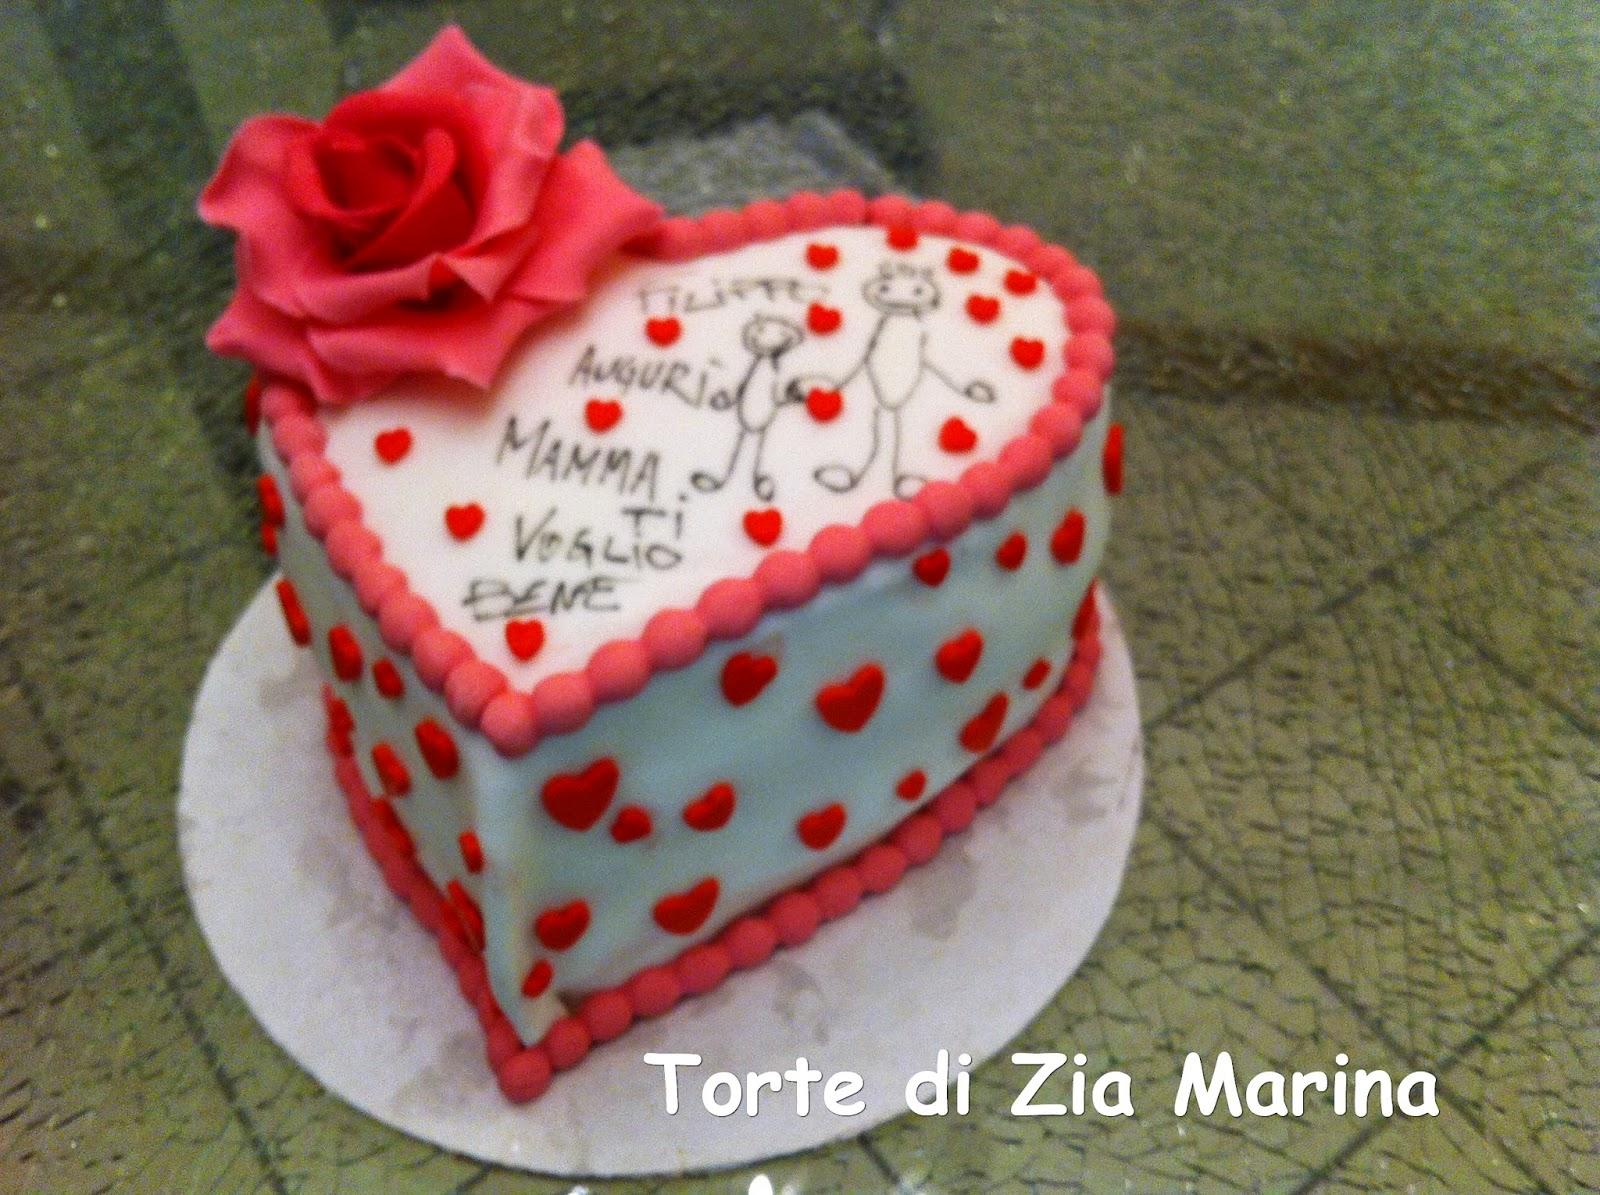 Preferenza Torte di zia Marina: Torta festa della mamma QM32